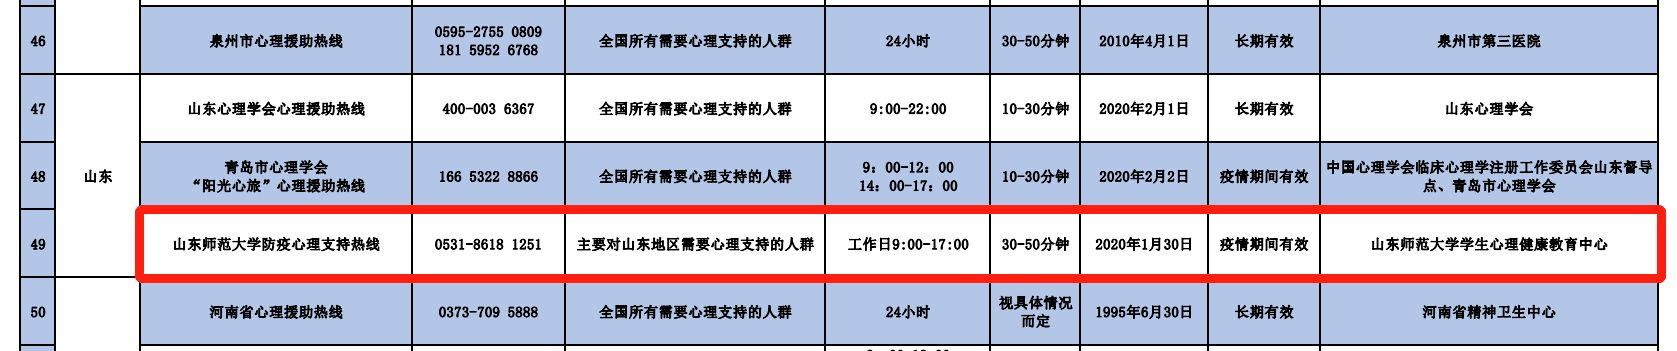 """山东师范大学心理健康教育中心防疫心理热线入选 """"专业可靠的中国心理热线"""""""